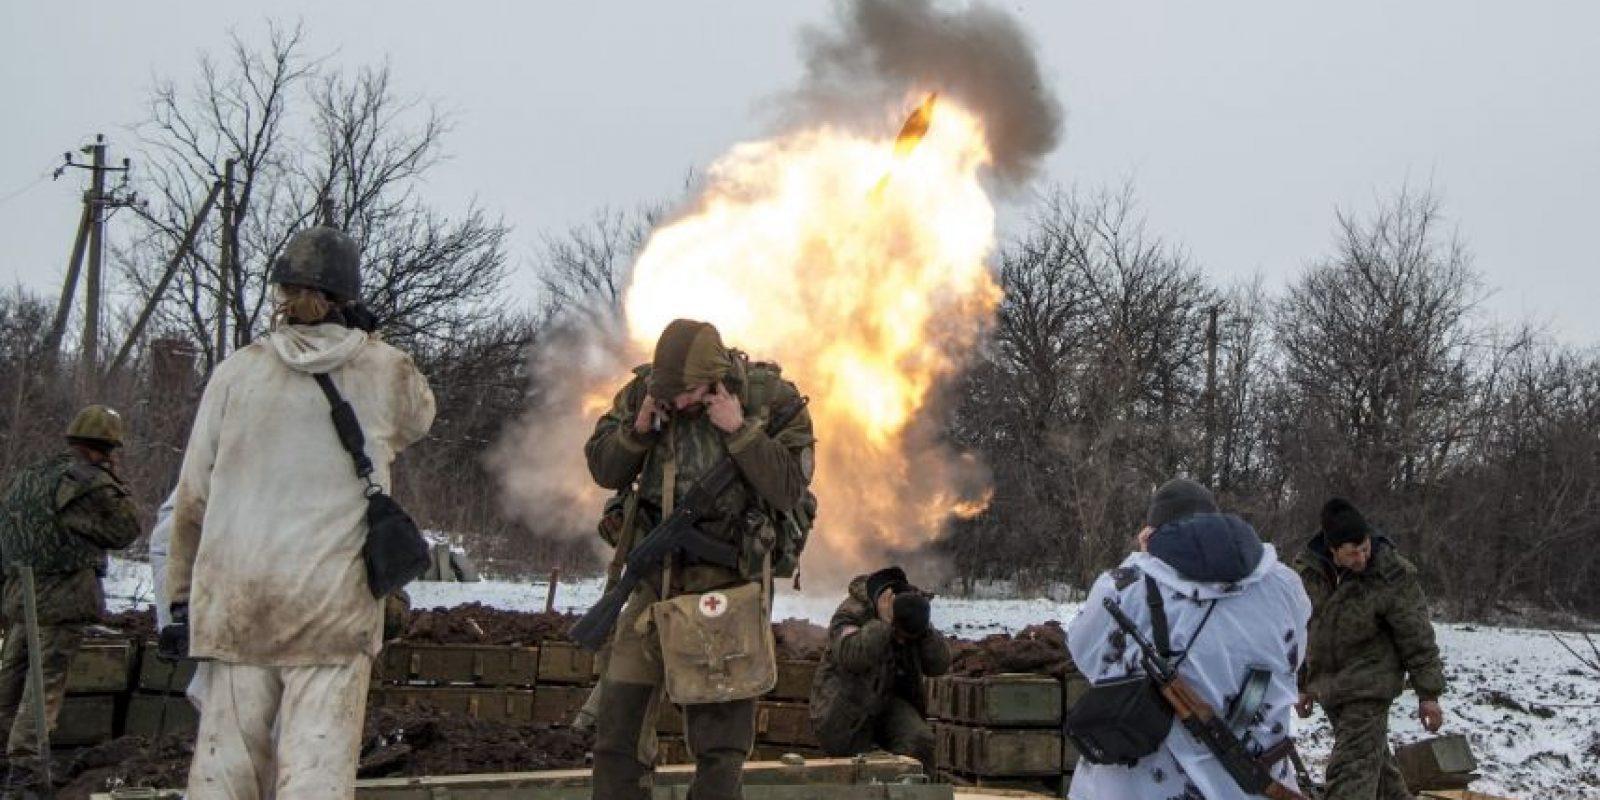 Muchos ucranianos han dejado sus viviendas por el miedo a la guerra. Foto:AP